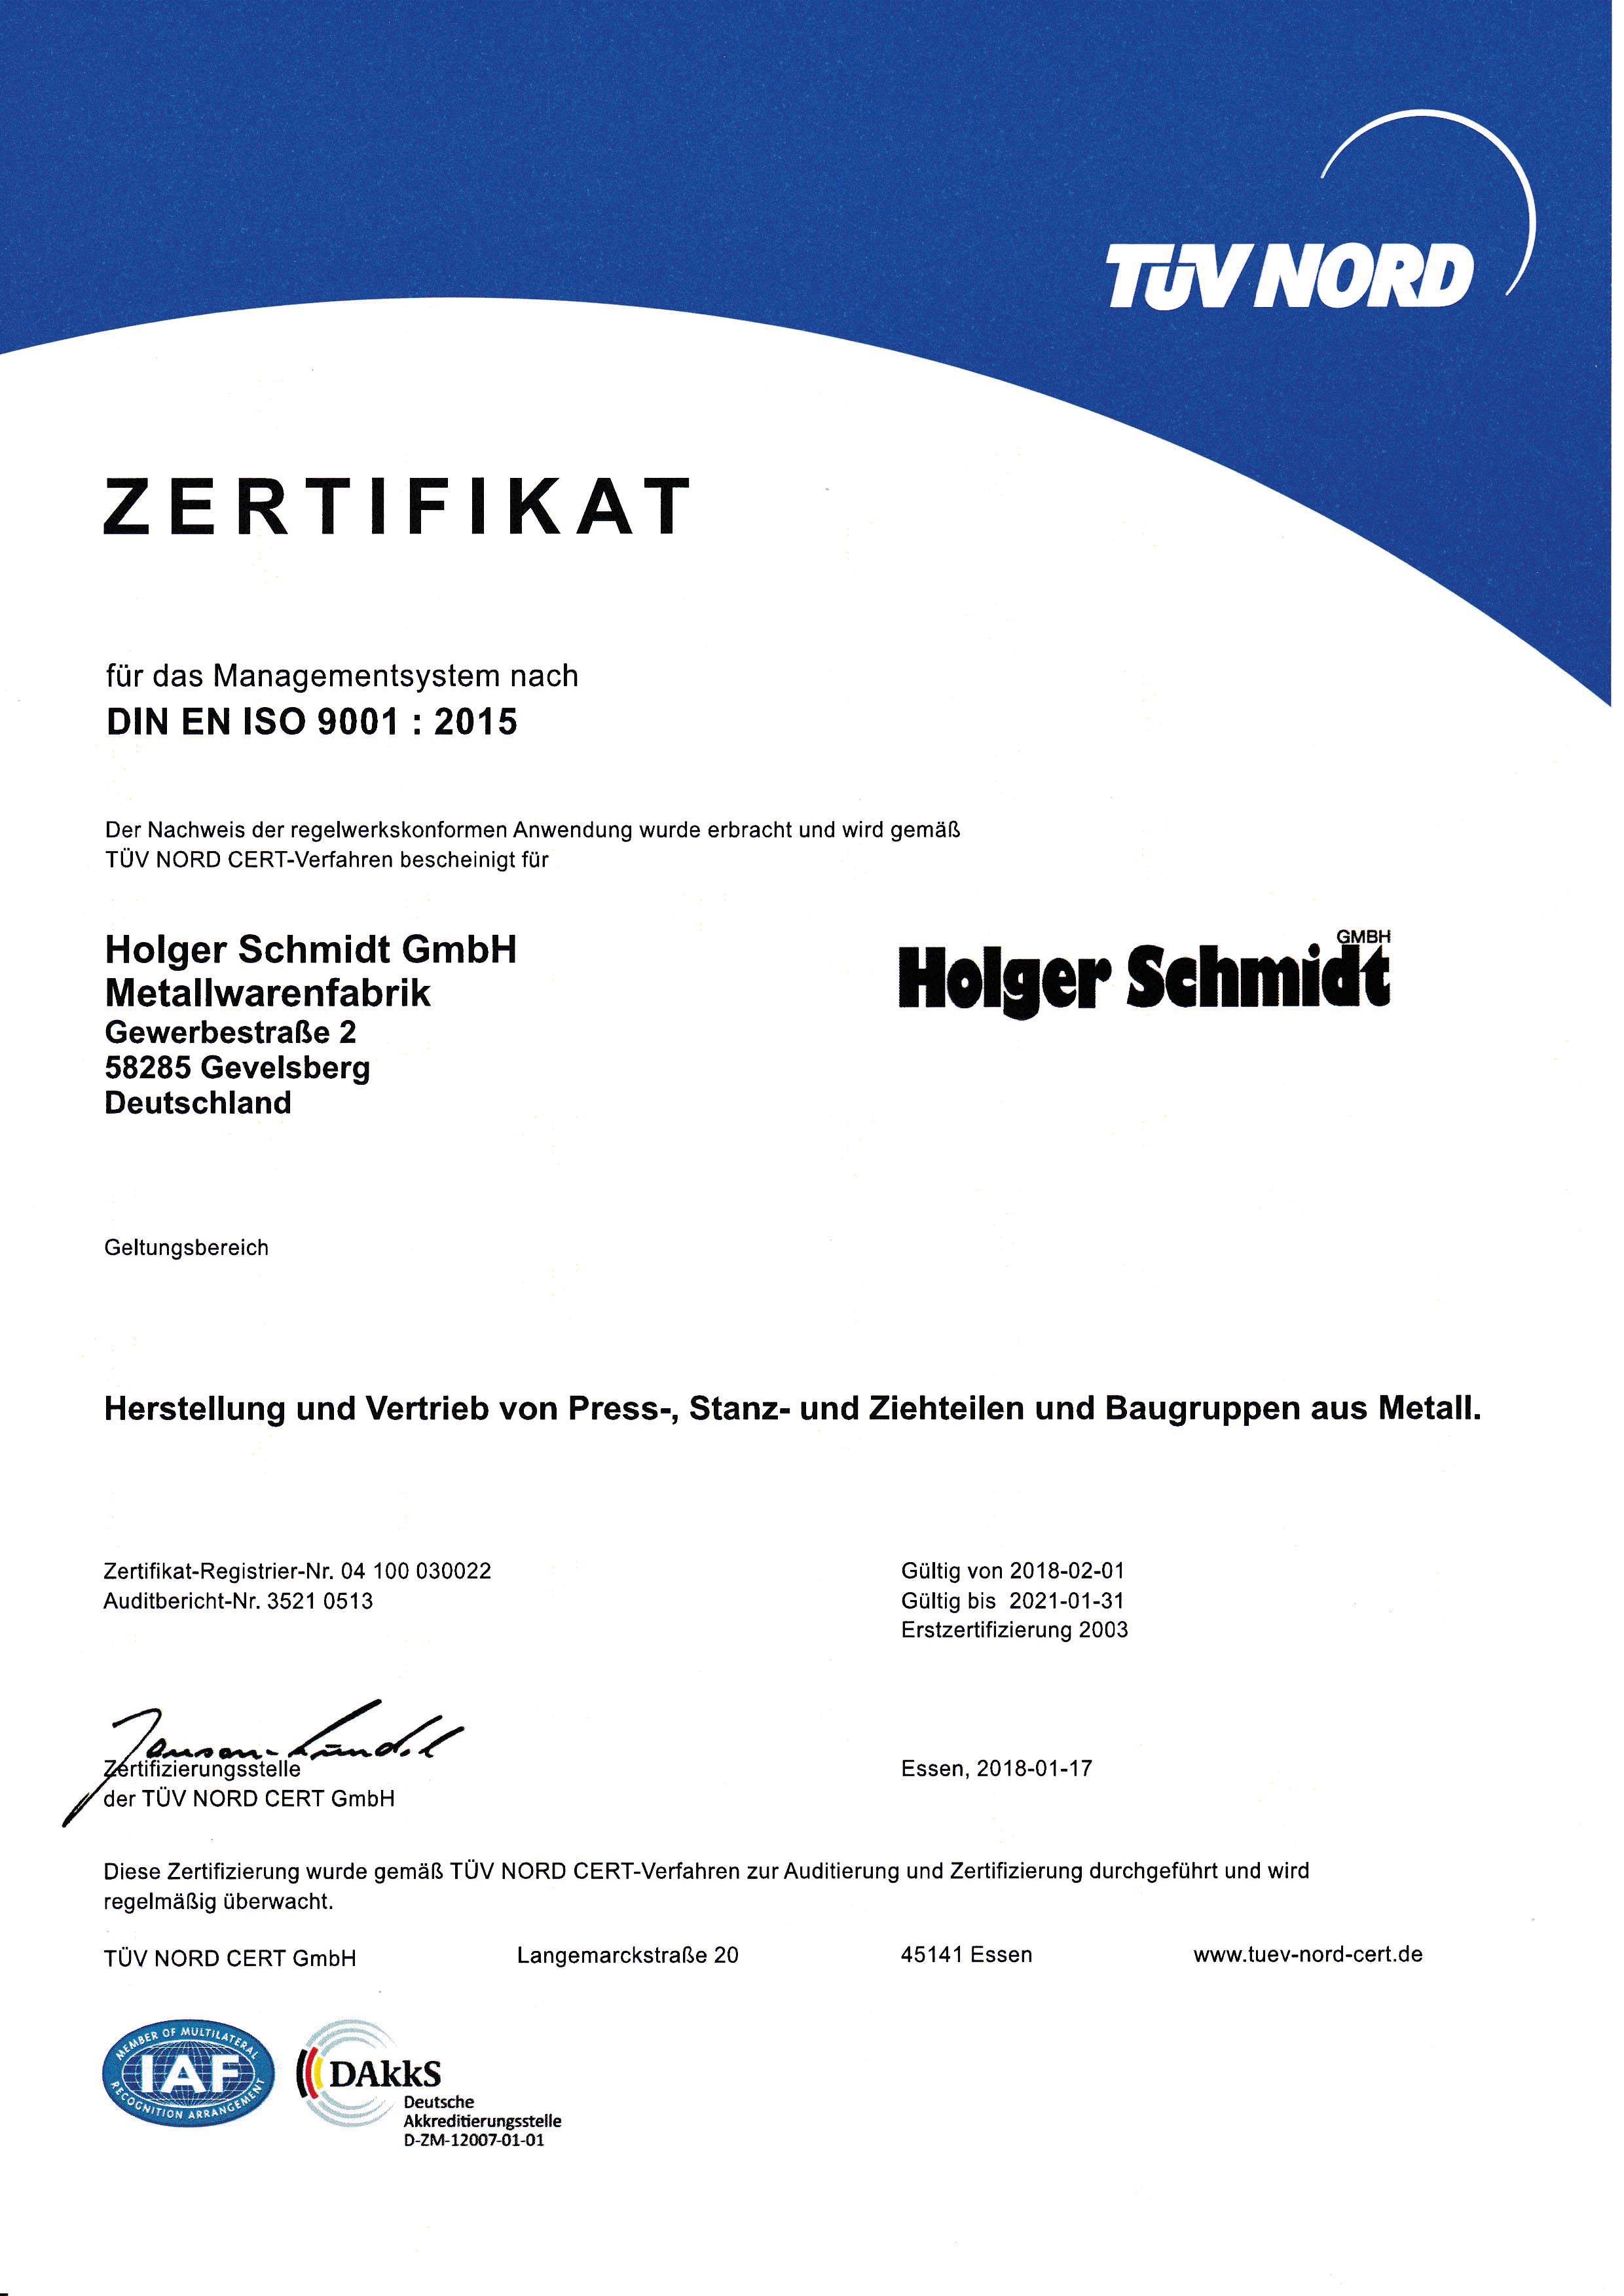 TÜV-Zertifikat-2018-2021